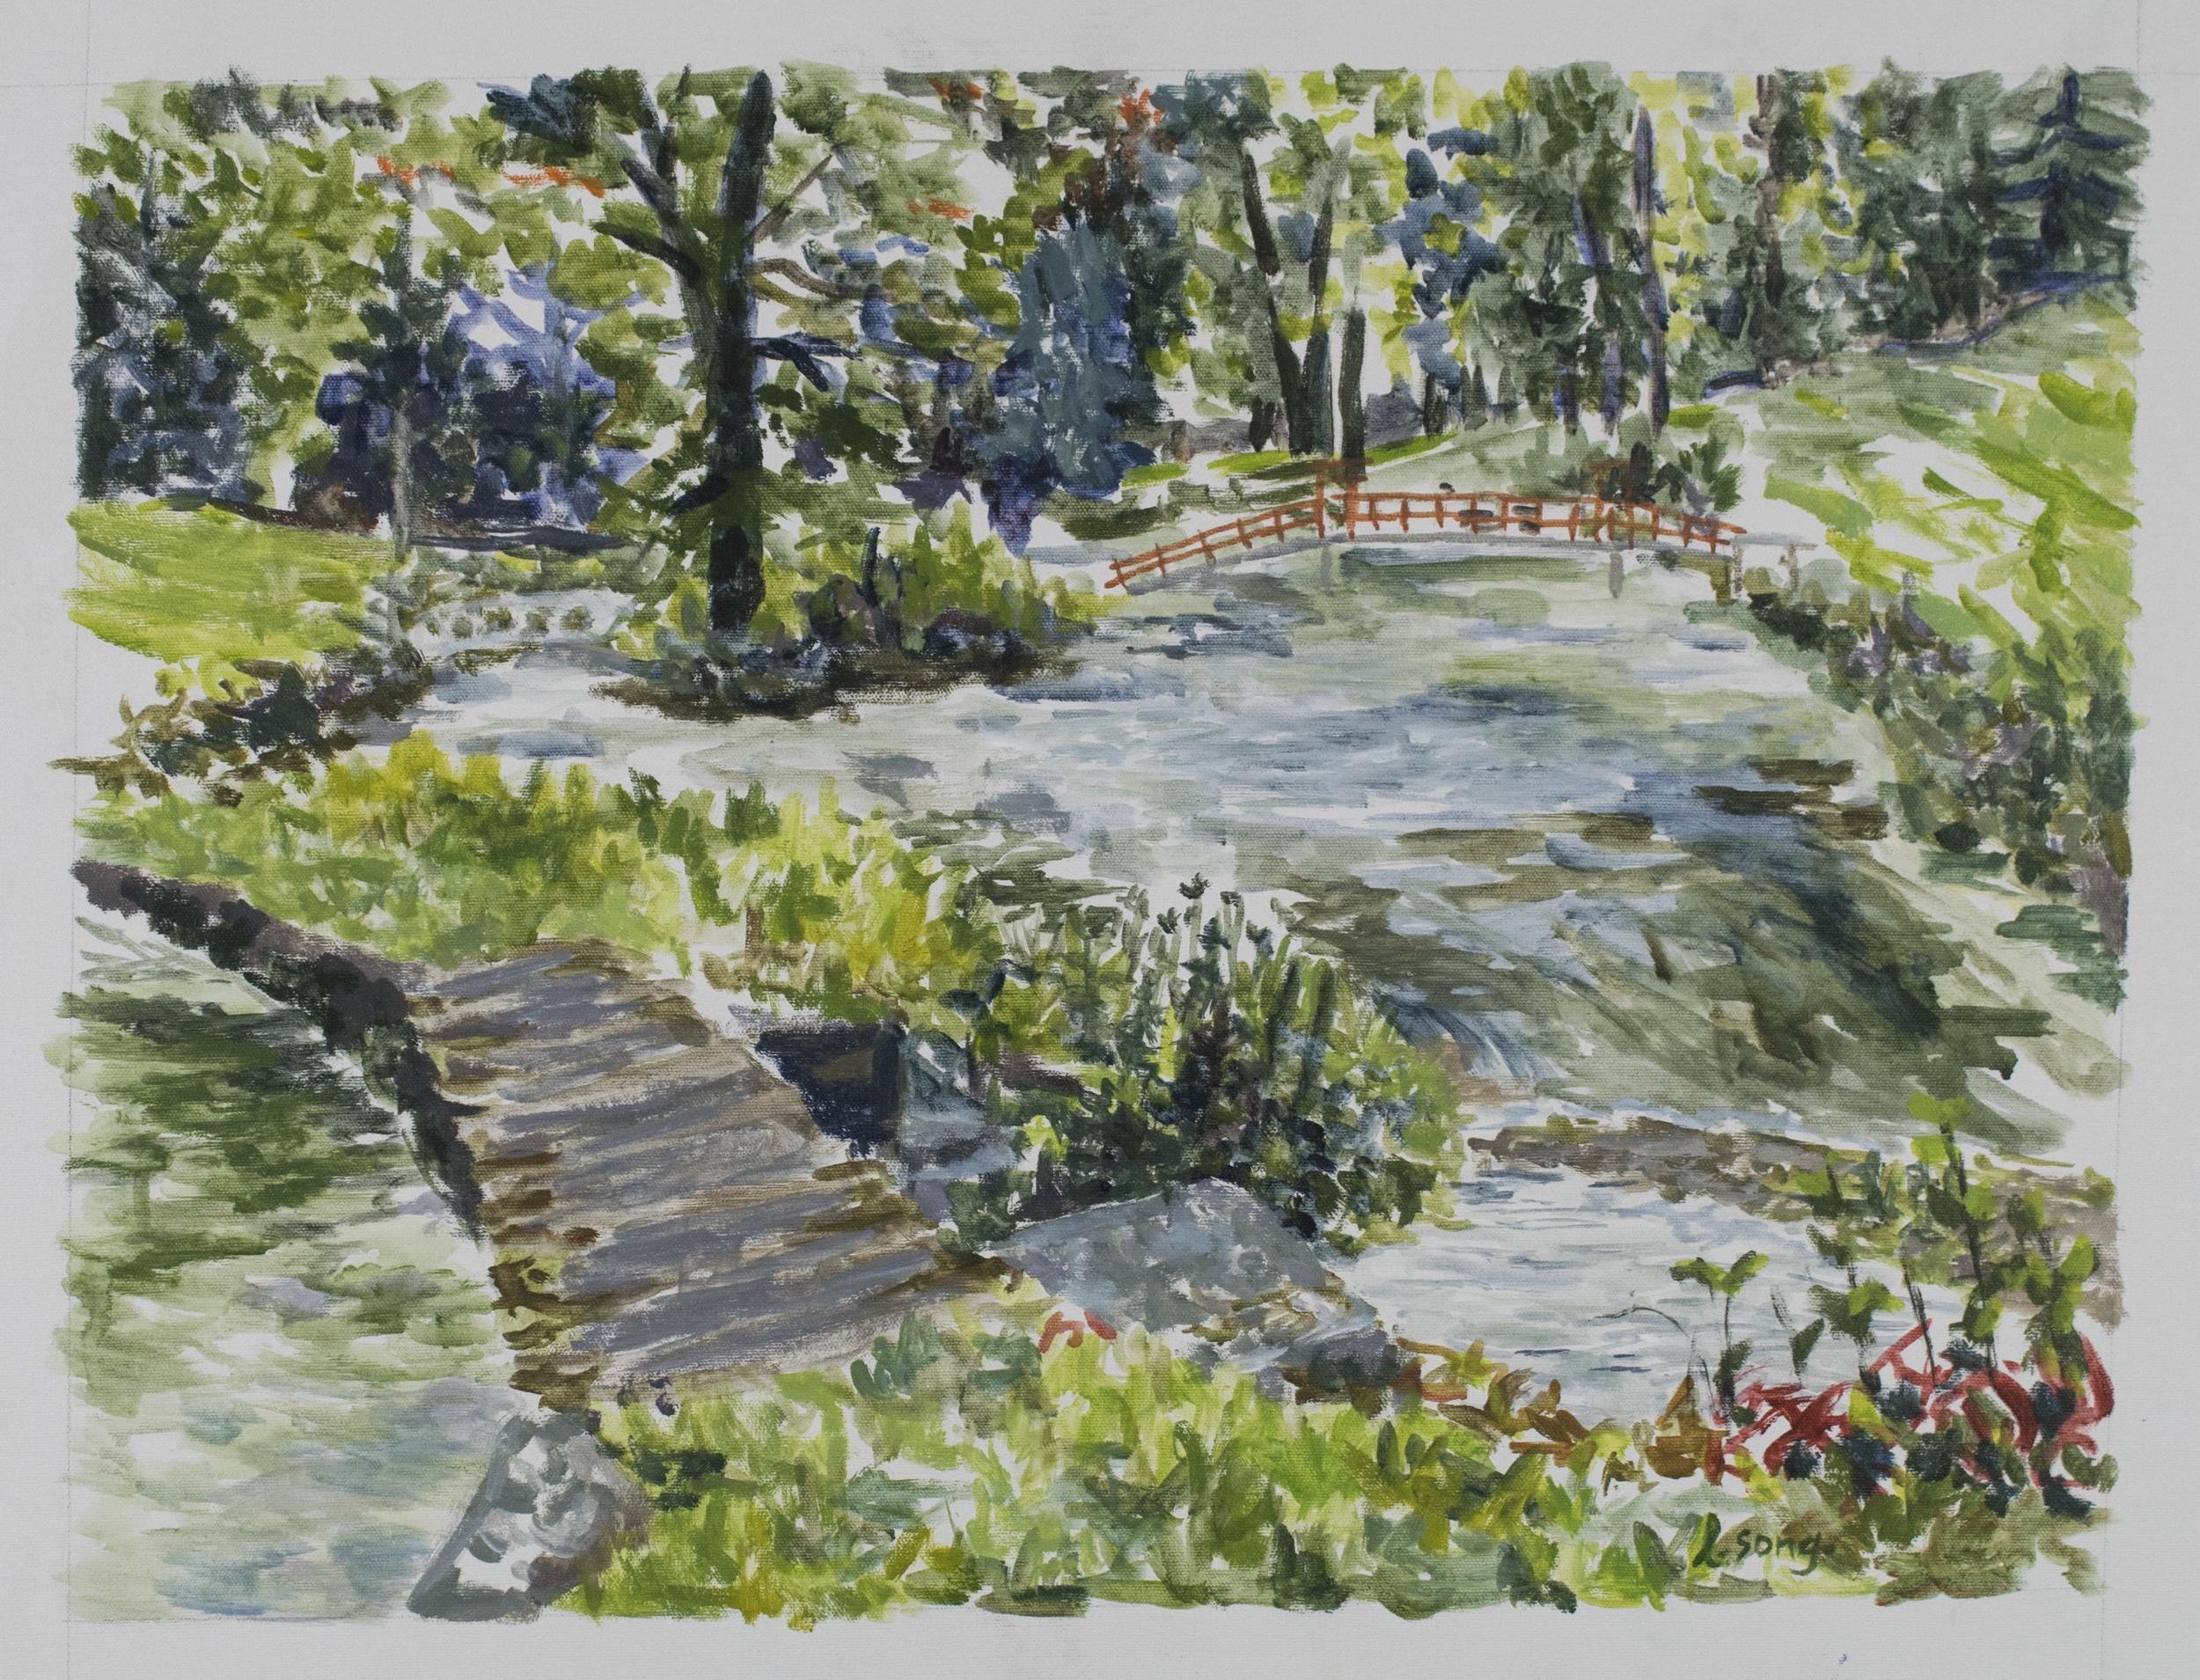 """Bridgeways . 2018. Acrylic on canvas. 24"""" x 18""""."""